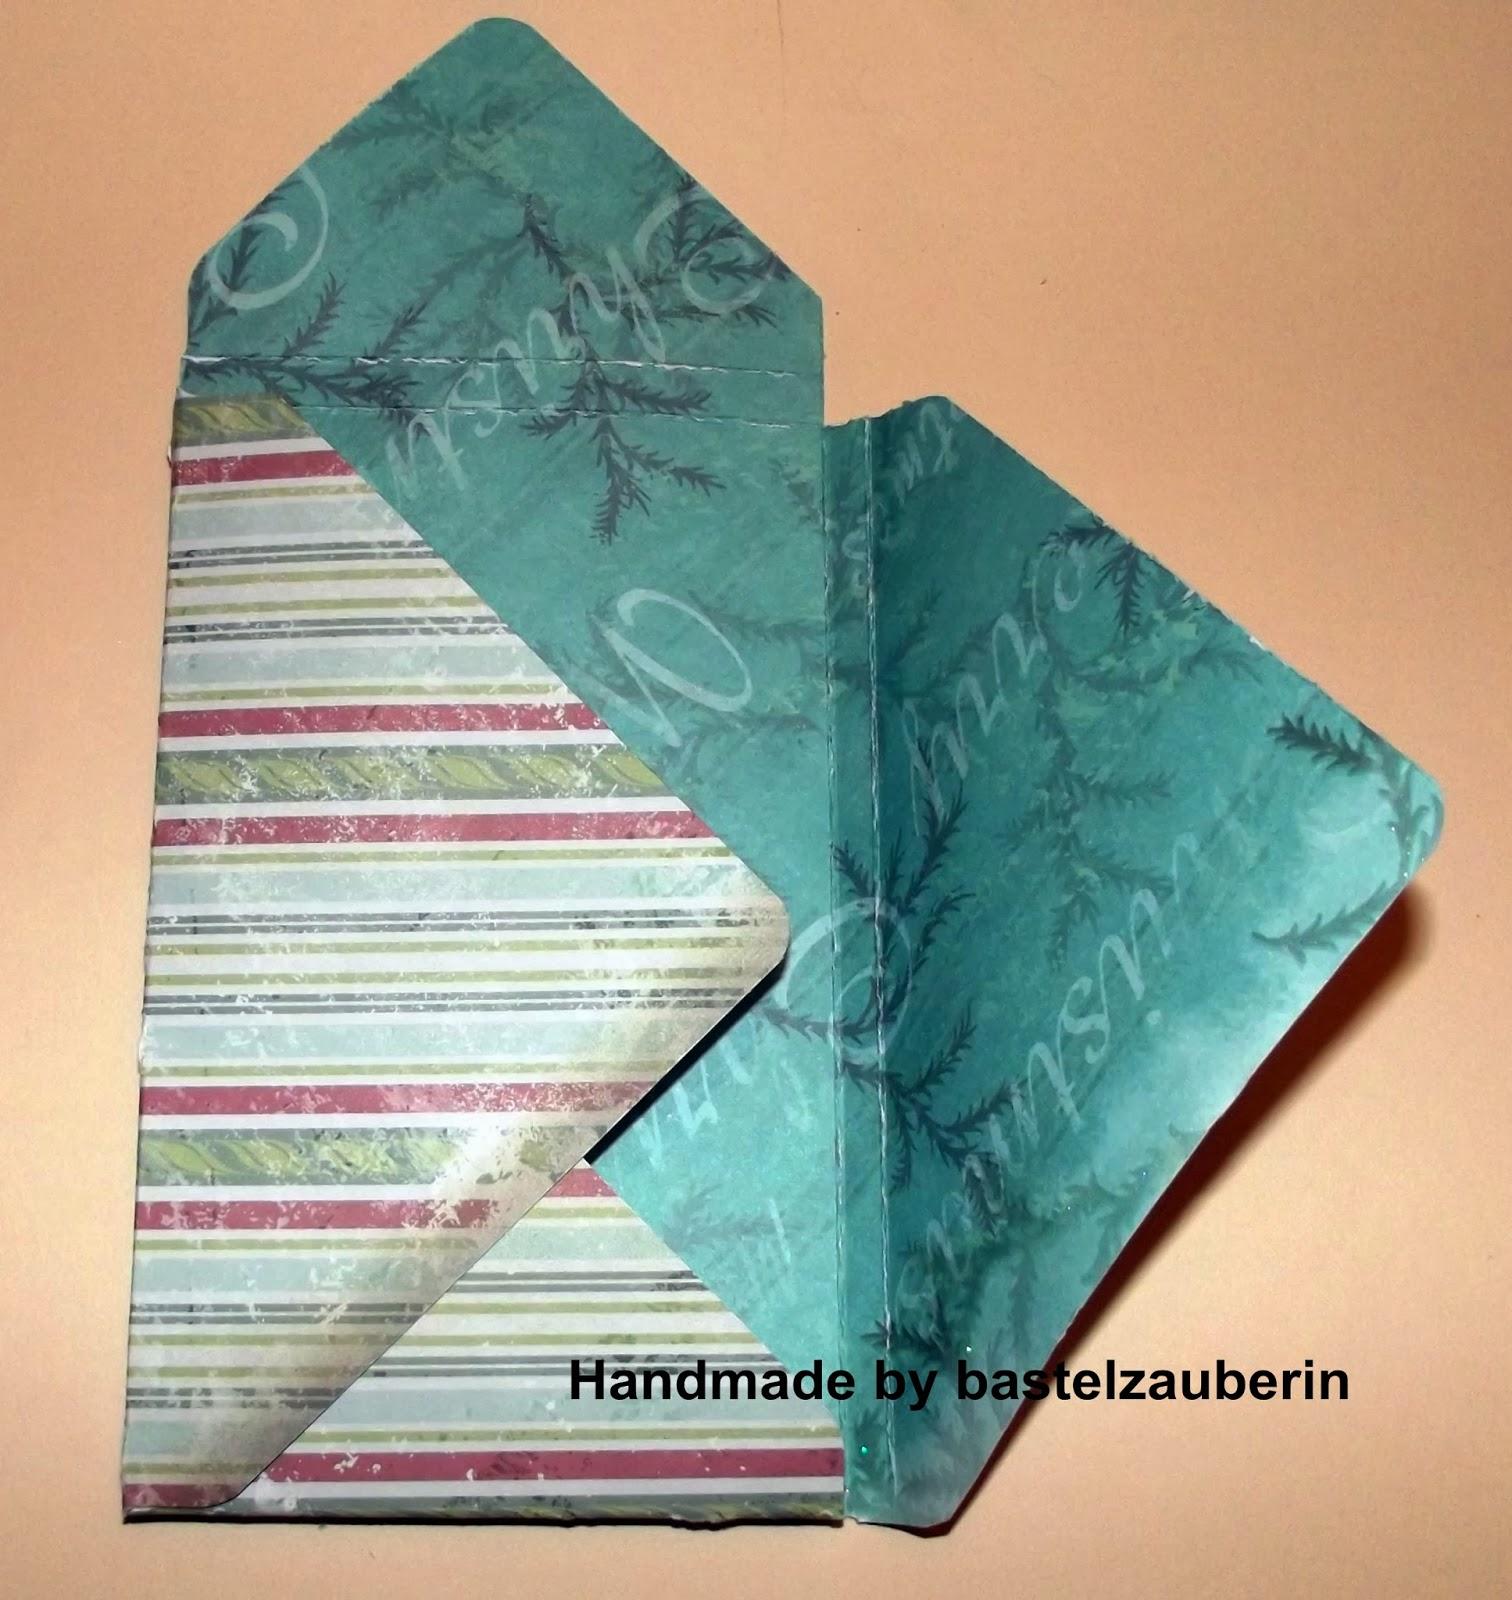 Bestecktaschen Basteln bastelzauberin bestecktasche mit dem envelope punch board anleitung